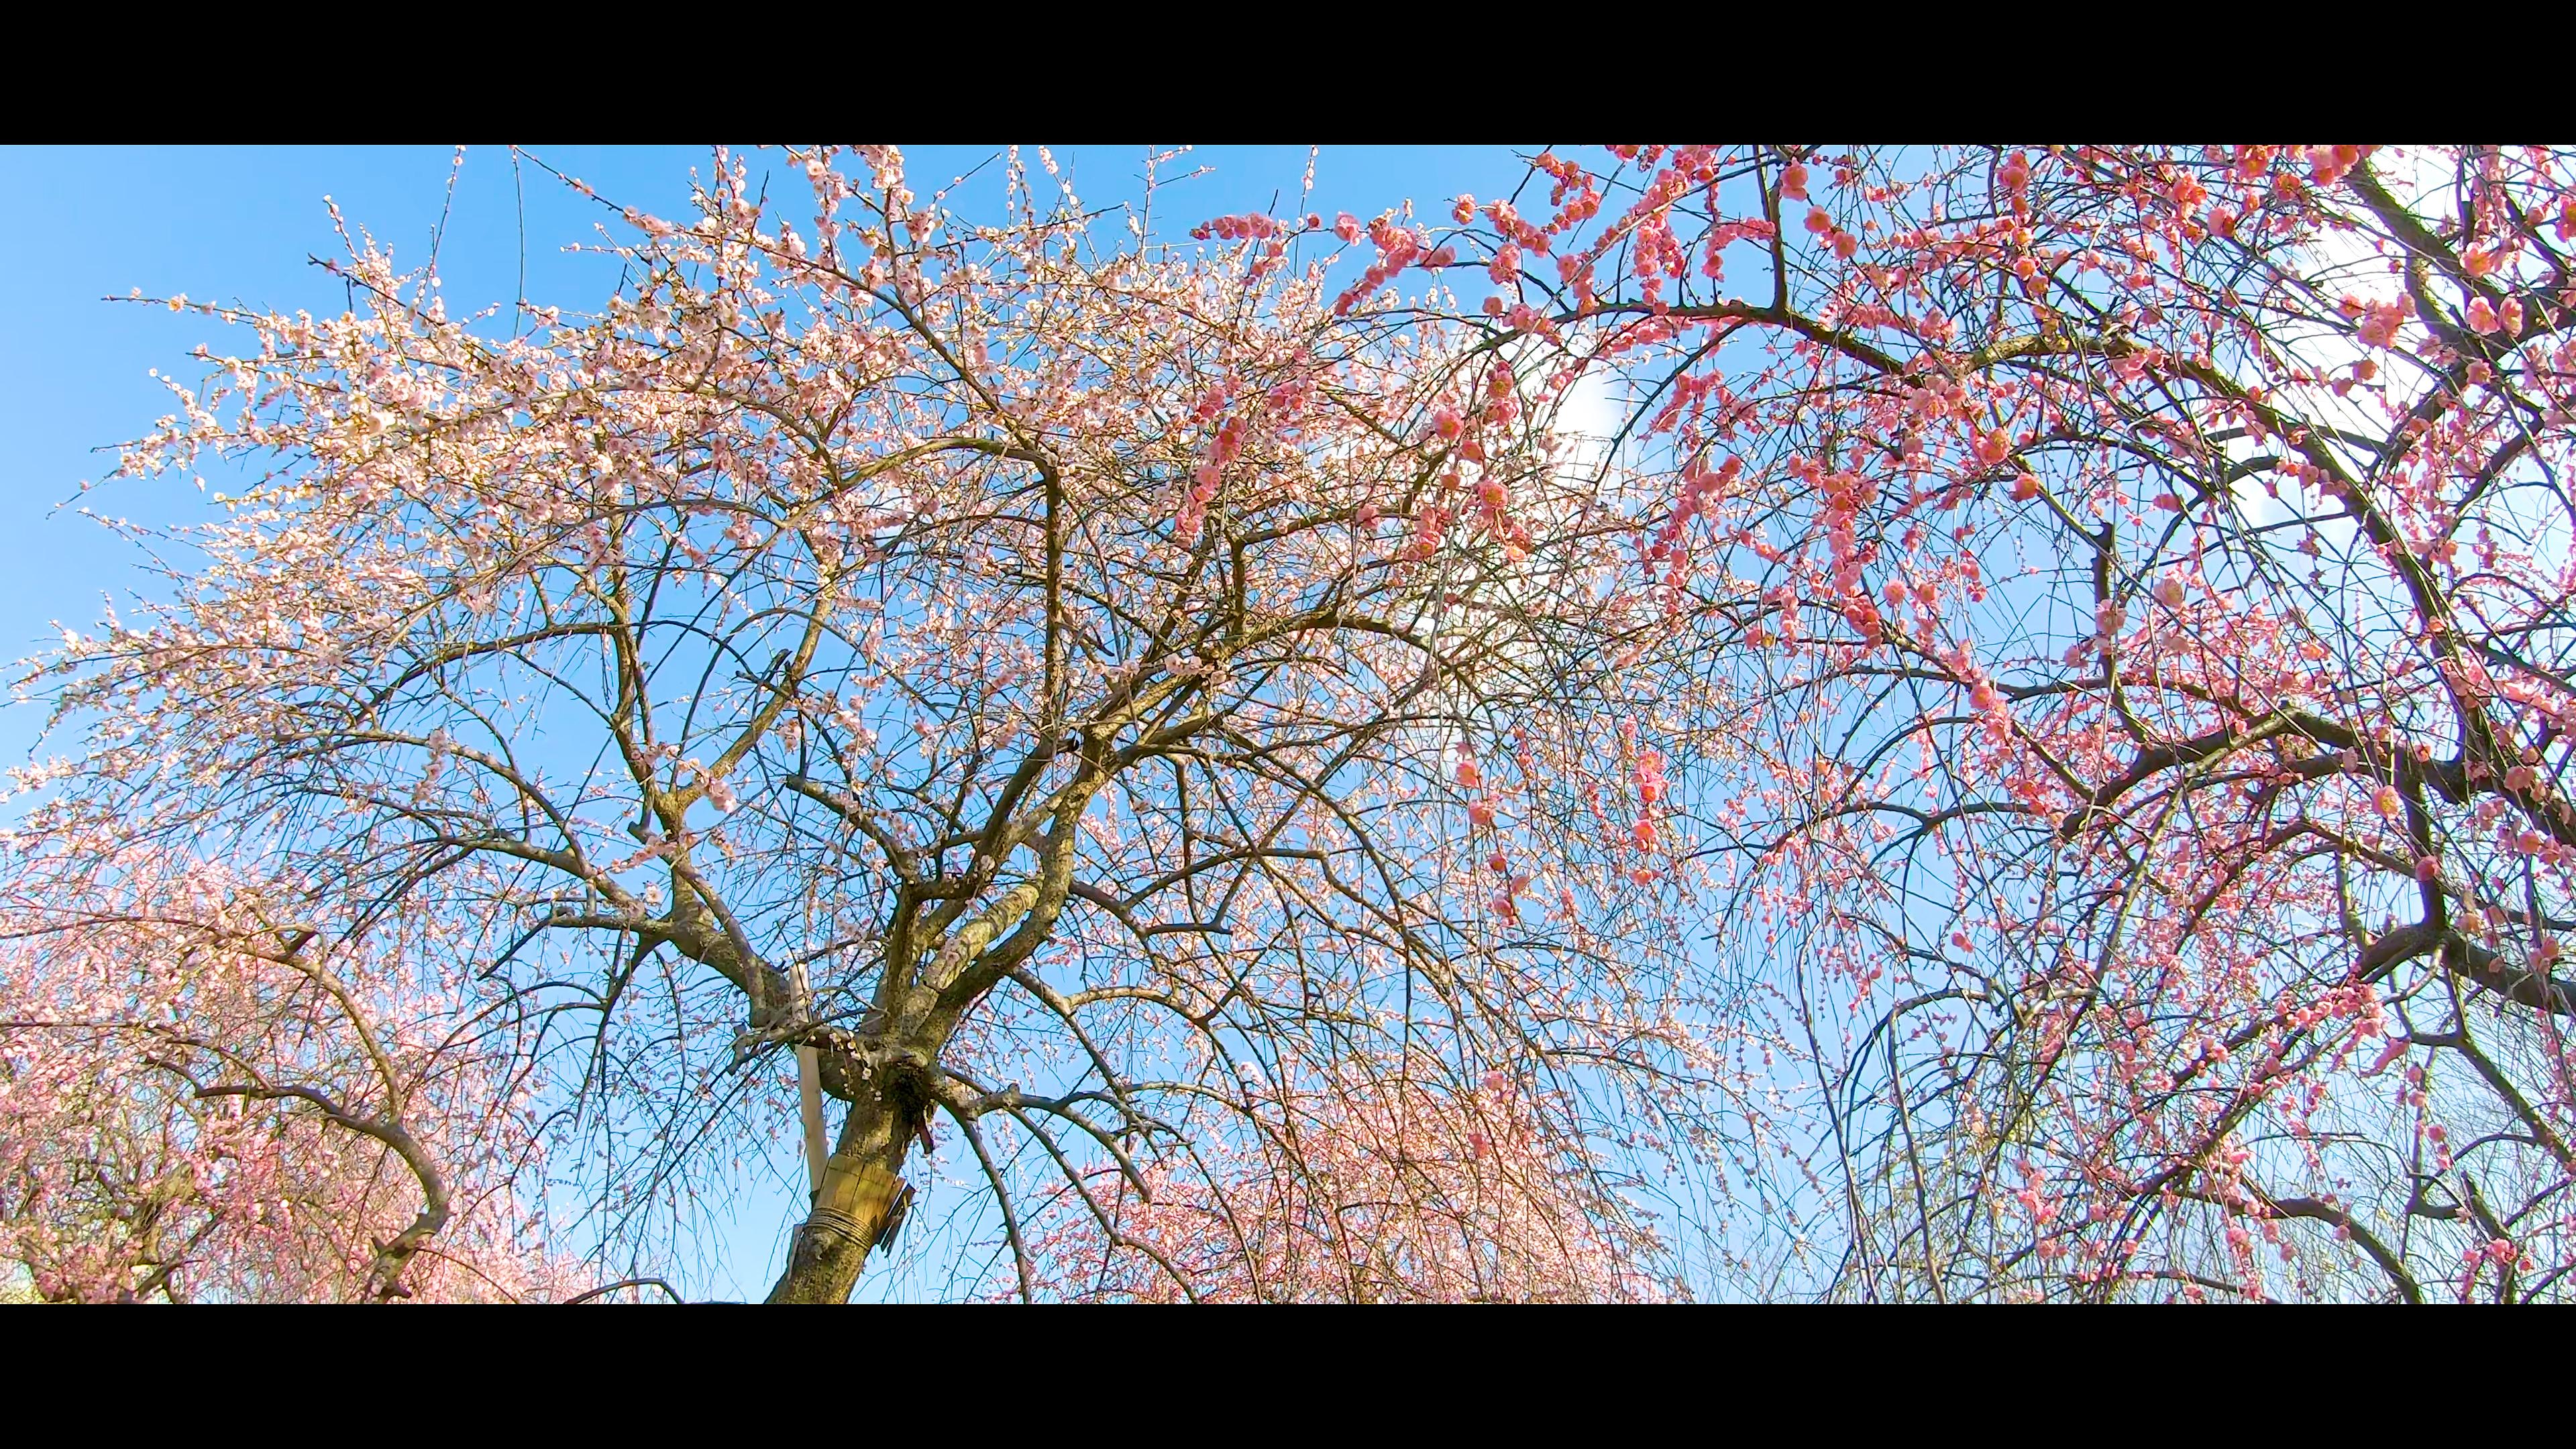 227c5ba73f9cc97764101dcc312c8f84 大阪府 和泉リサイクル環境公園(梅と水仙、菜の花が撮影できる春におすすめの写真スポット。 撮影した写真の紹介、アクセス情報や交通手段・駐車場情報などまとめ)